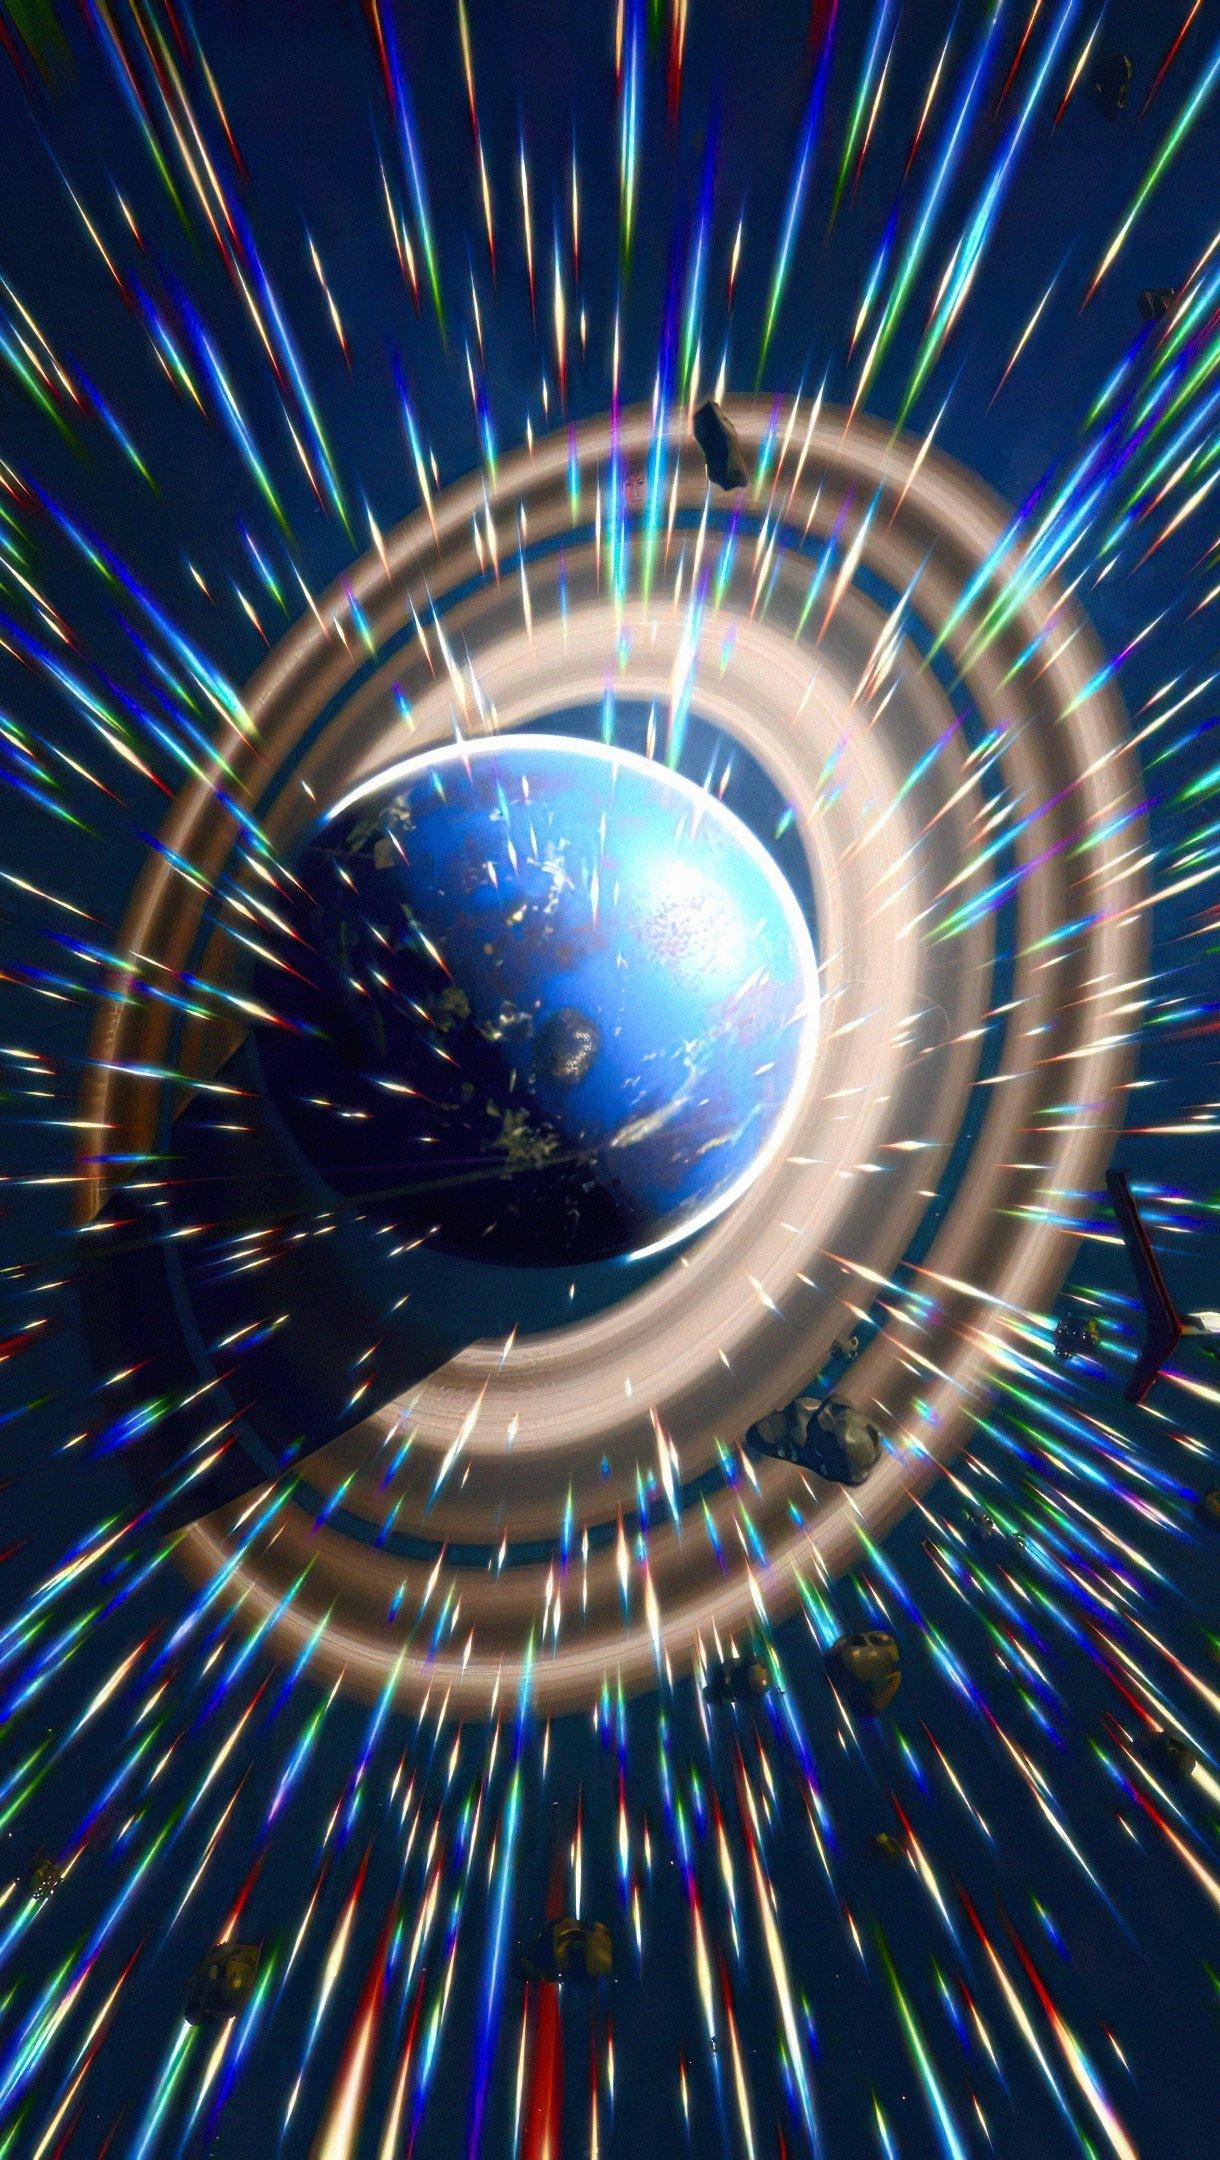 Fondos de pantalla Explorando planetas Vertical